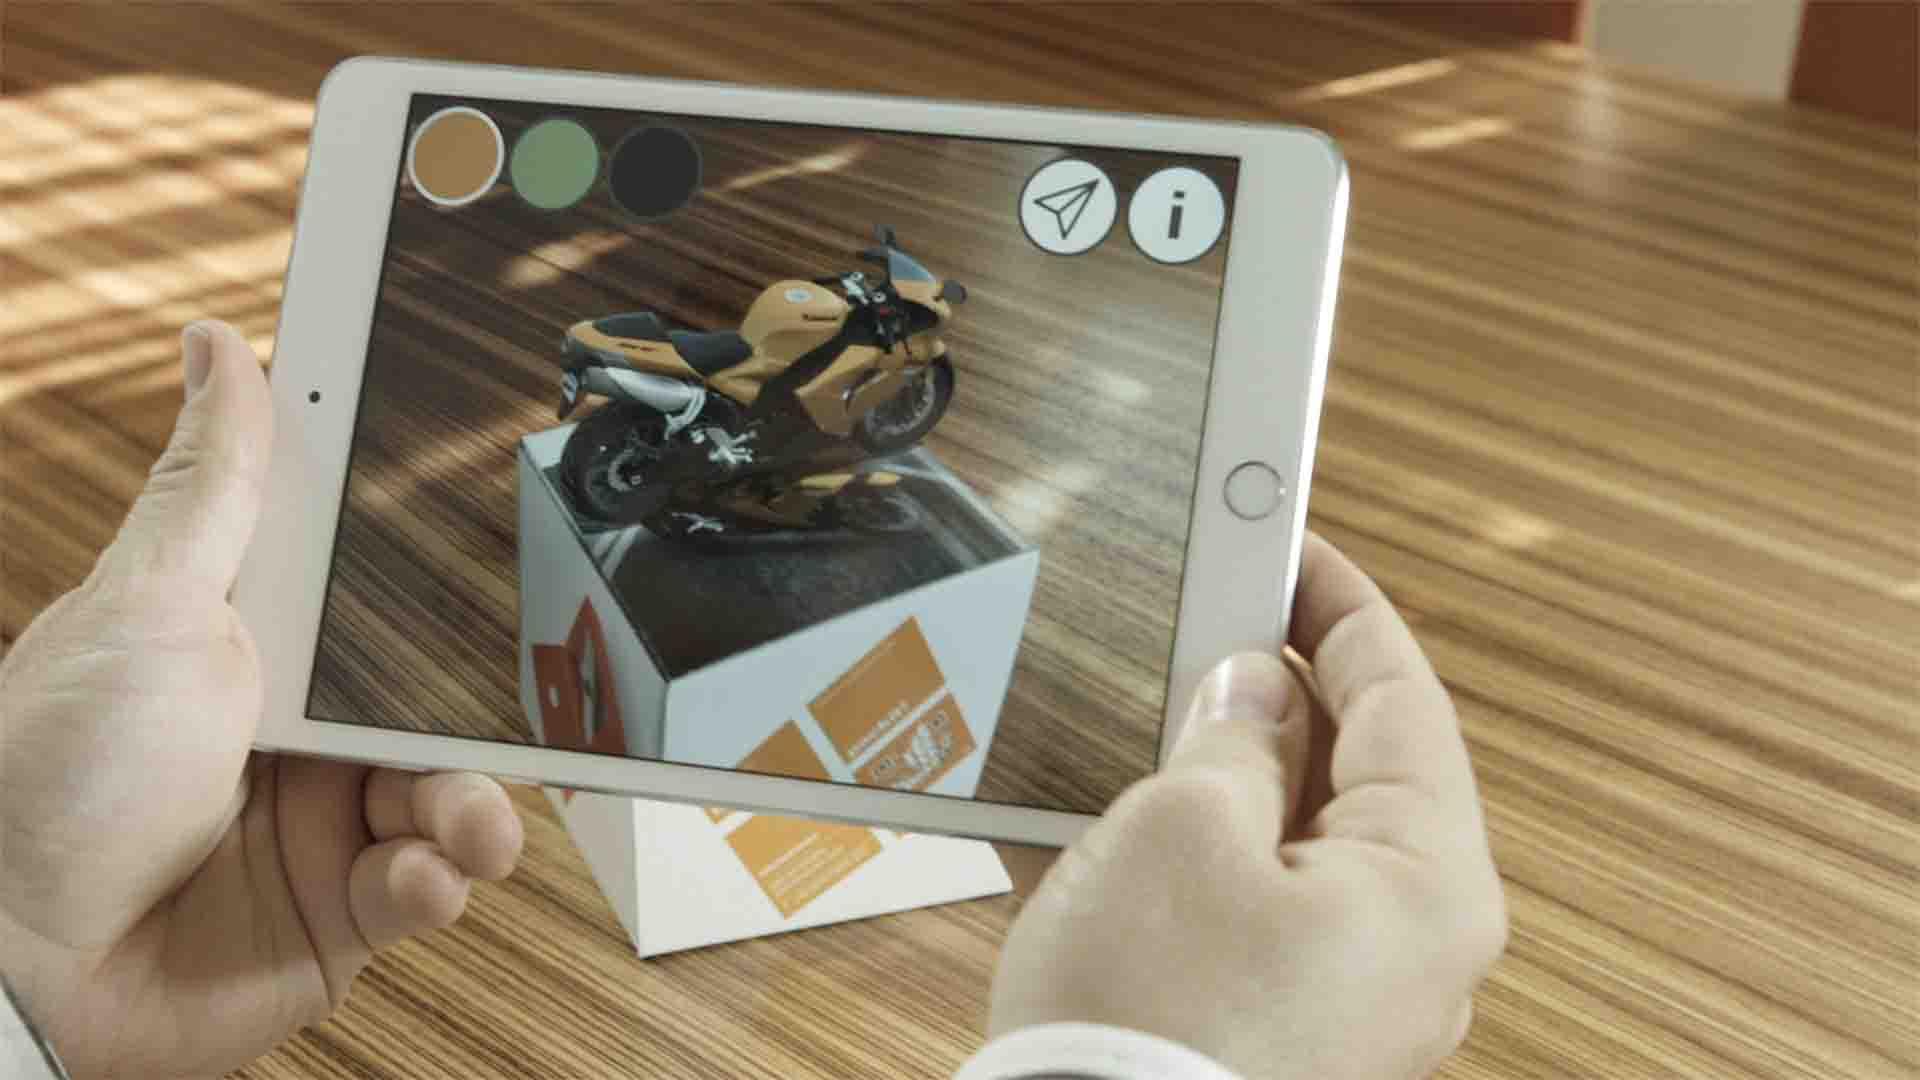 Dinkhauser Kartonagen setzt Augmented Reality für interaktive Verpackungen ein.